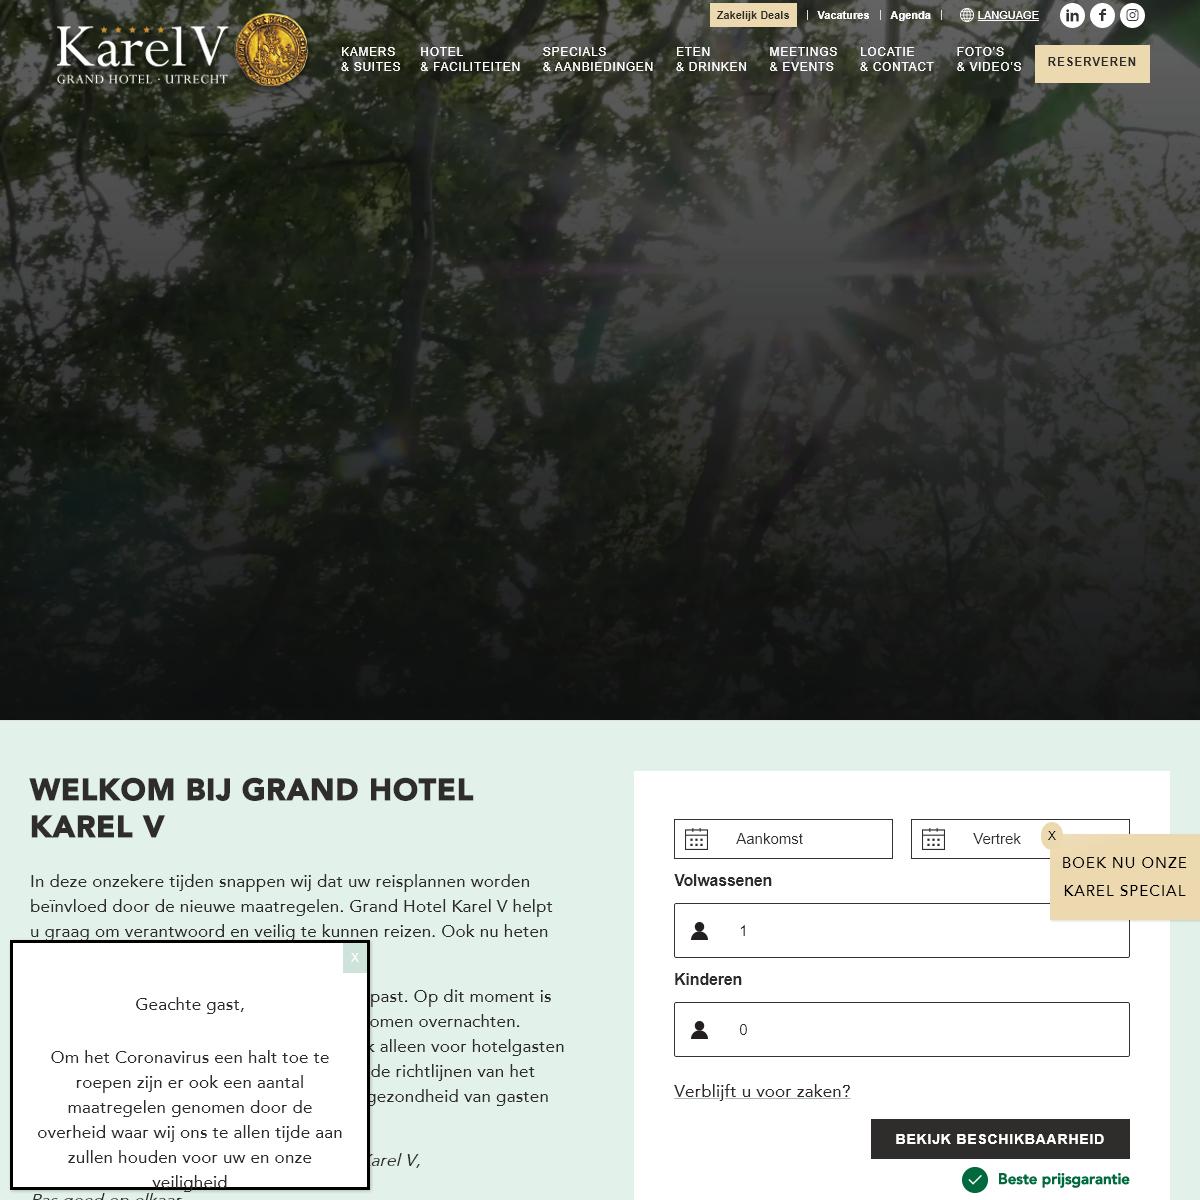 Grand Hotel Karel V Utrecht - Officiële Website - Laagste Prijsgarantie